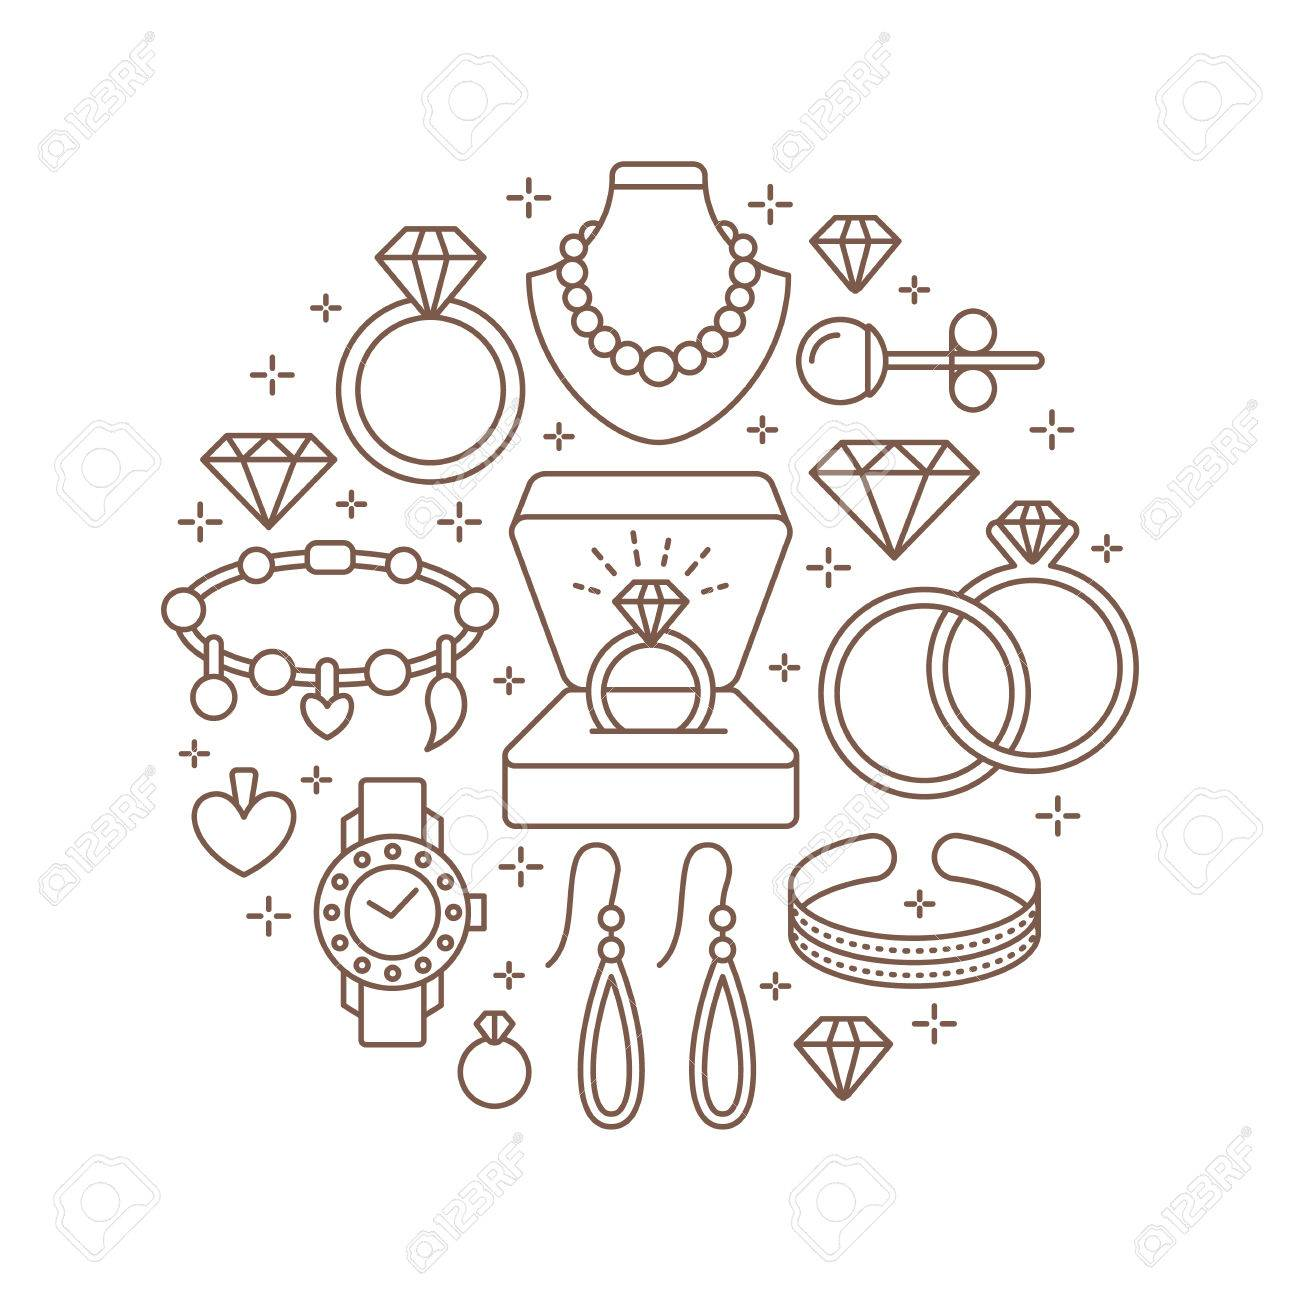 1fc310ea9aca ... Diamante Accesorios Banner Ilustración. Vector Icono De Línea De Joyas  - Relojes De Oro